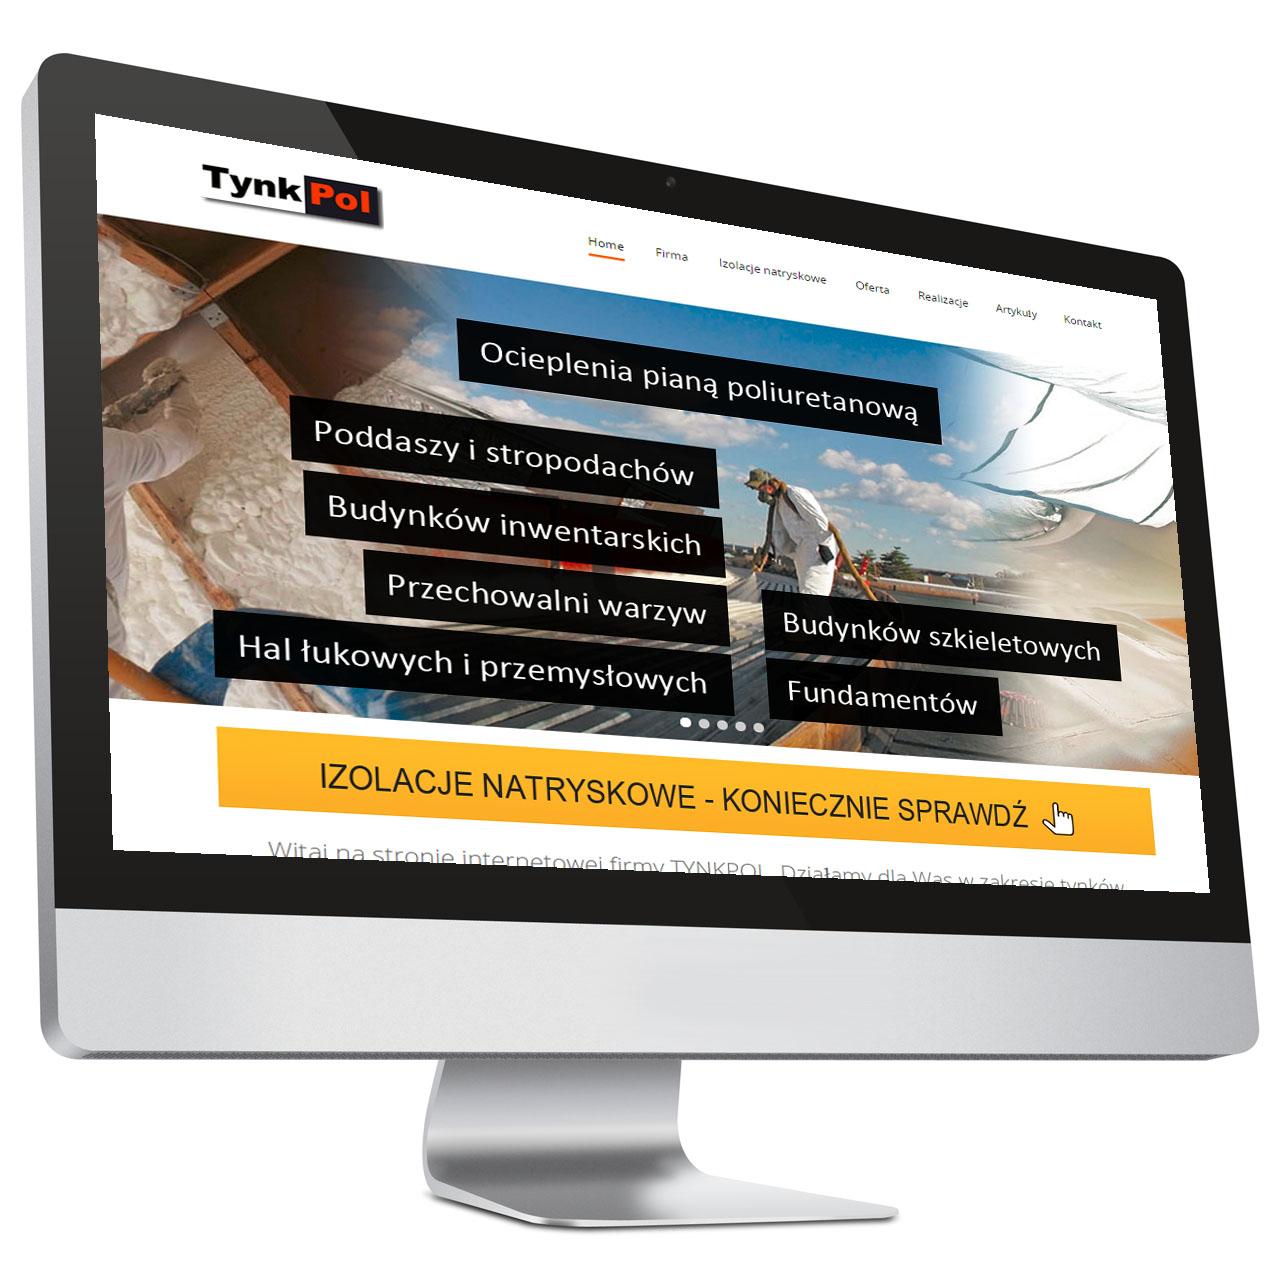 Strona internetowa firmy TynkPol